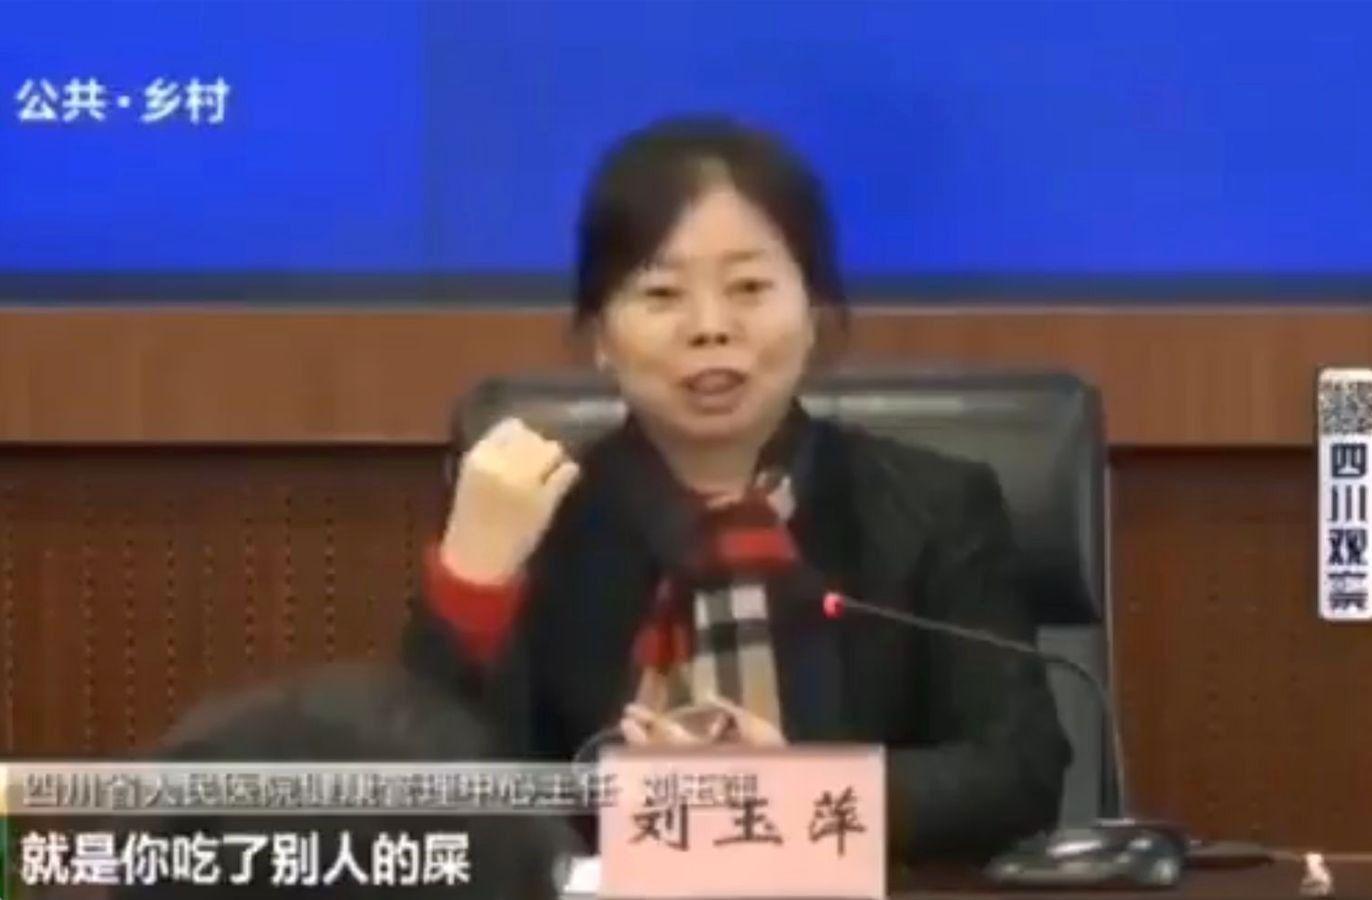 四川女官解釋糞口傳播:就是你吃了別人的屎